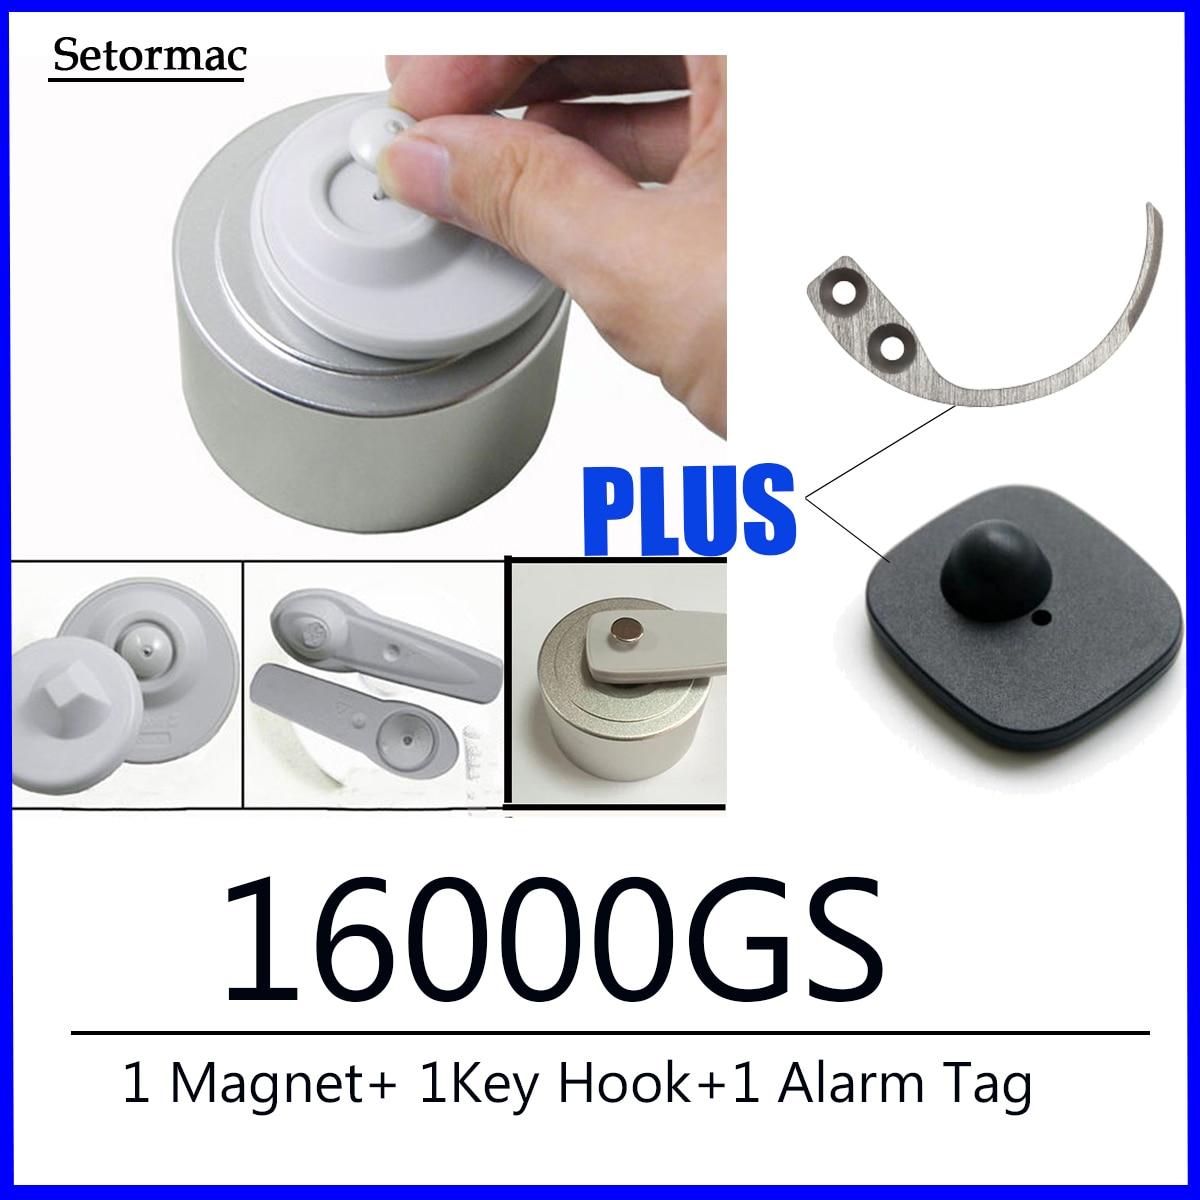 Магнит для удаления бирок 16000GS, устройство для съемки бирок + переносной крючок для ключей + датчики сигнализации, защита от кражи